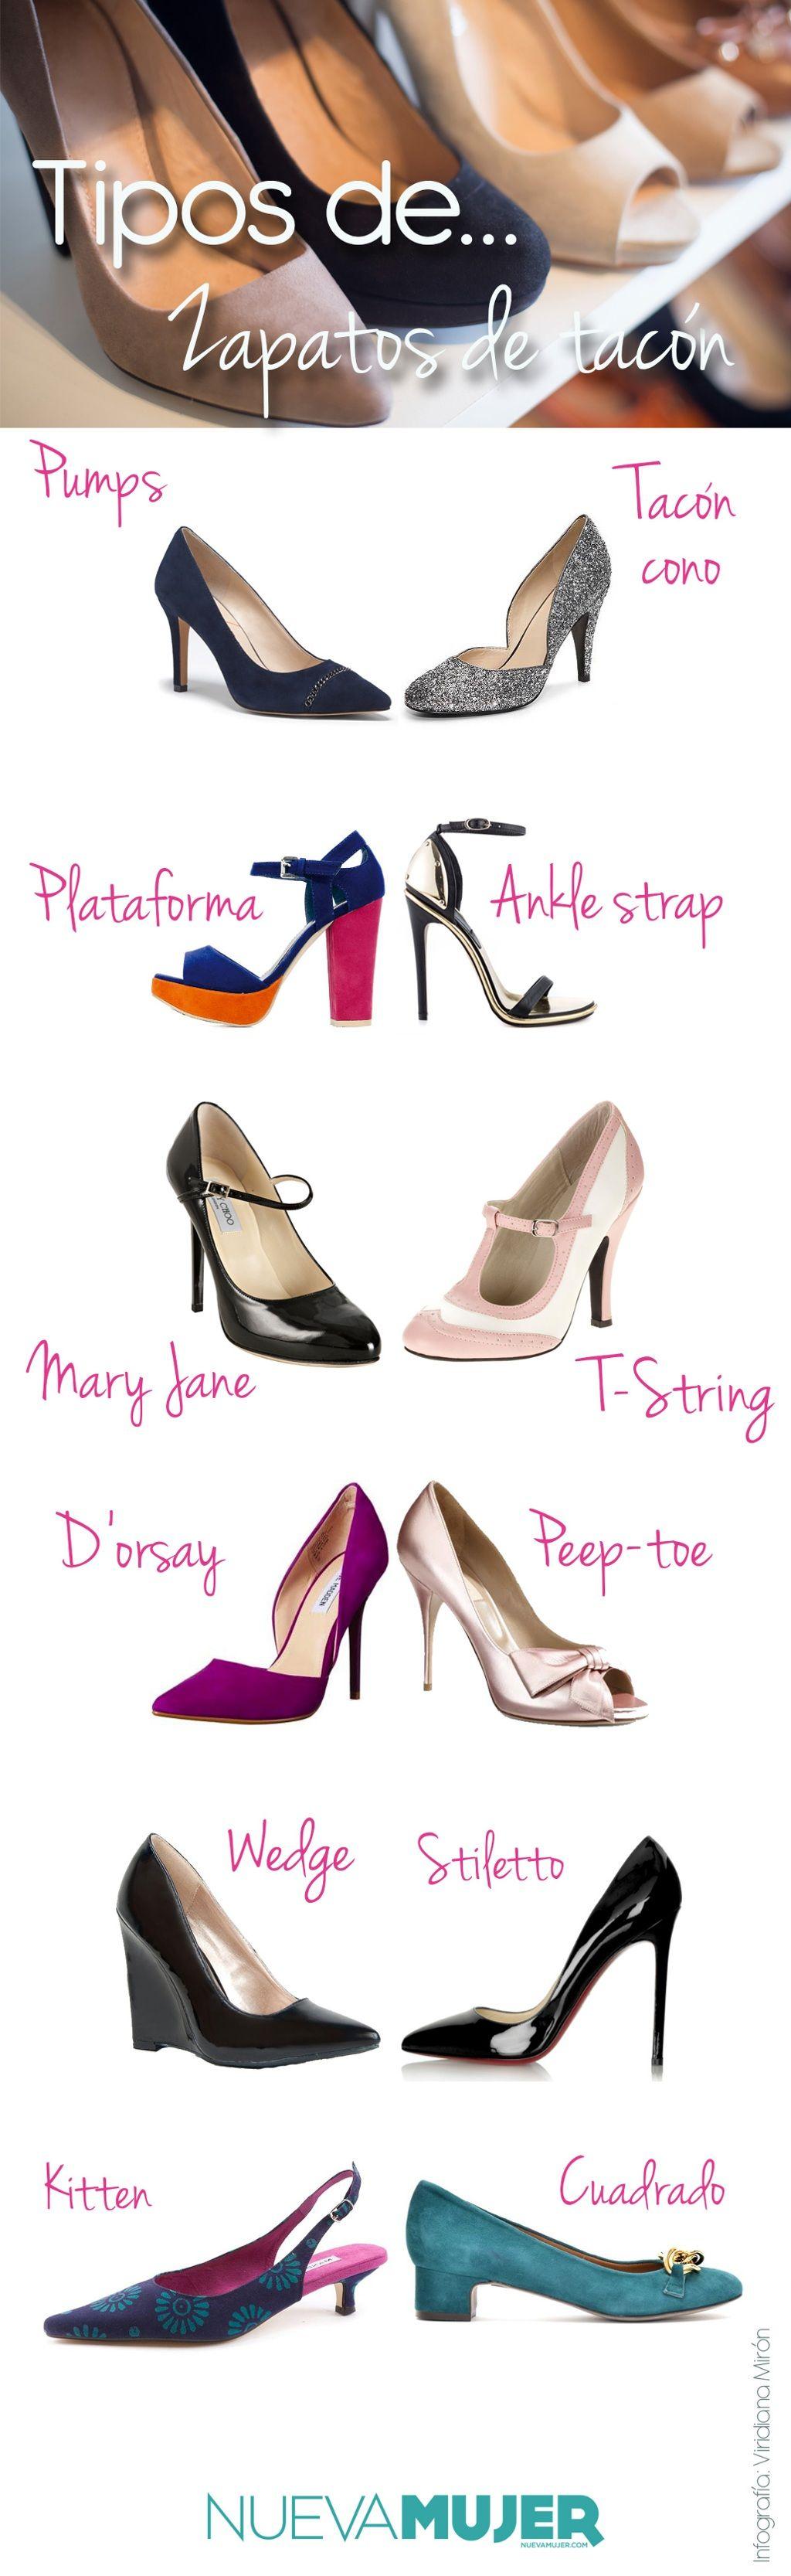 ff657c06 Tipos de #zapatos, #tacones y #tacos ¿cómo se llaman y cuáles son? #Pumps,  #stilettos, #maryjane, #kitten, #peeptoe y más